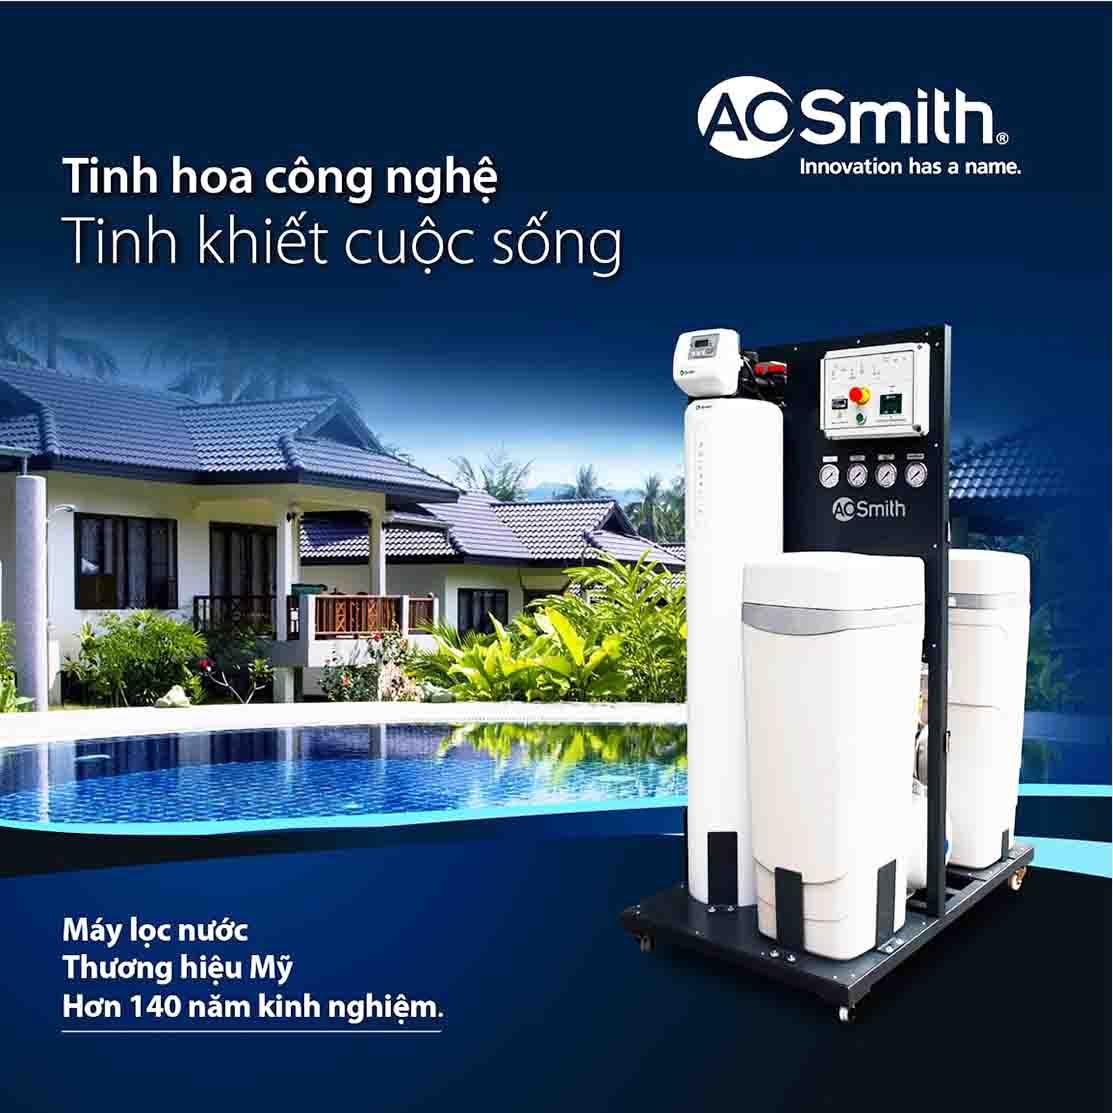 Hệ thống lọc nước đầu nguồn Ao Smith System 103 sẽ xóa bỏ nguy cơ dùng nước bẩn